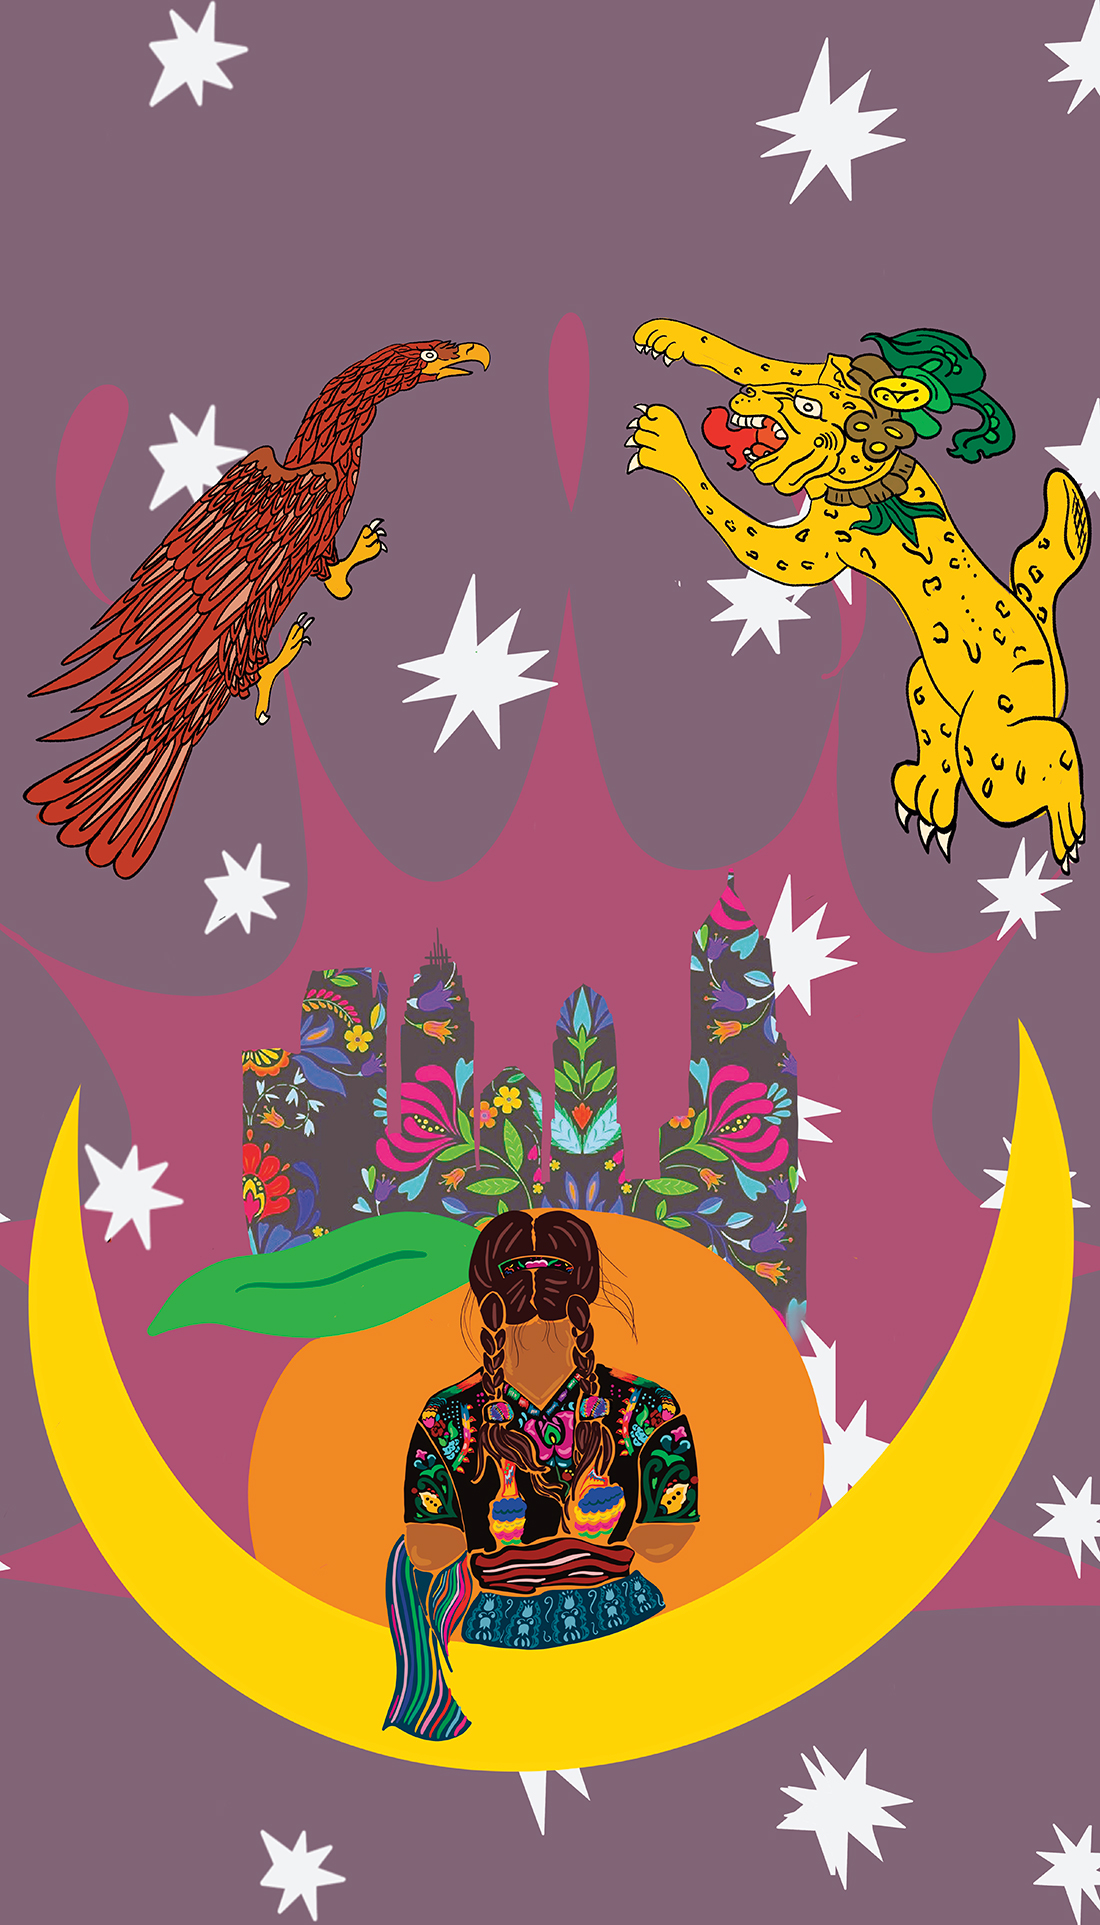 Atlanta Y Mis Dioses, by Patricia Hernandez.